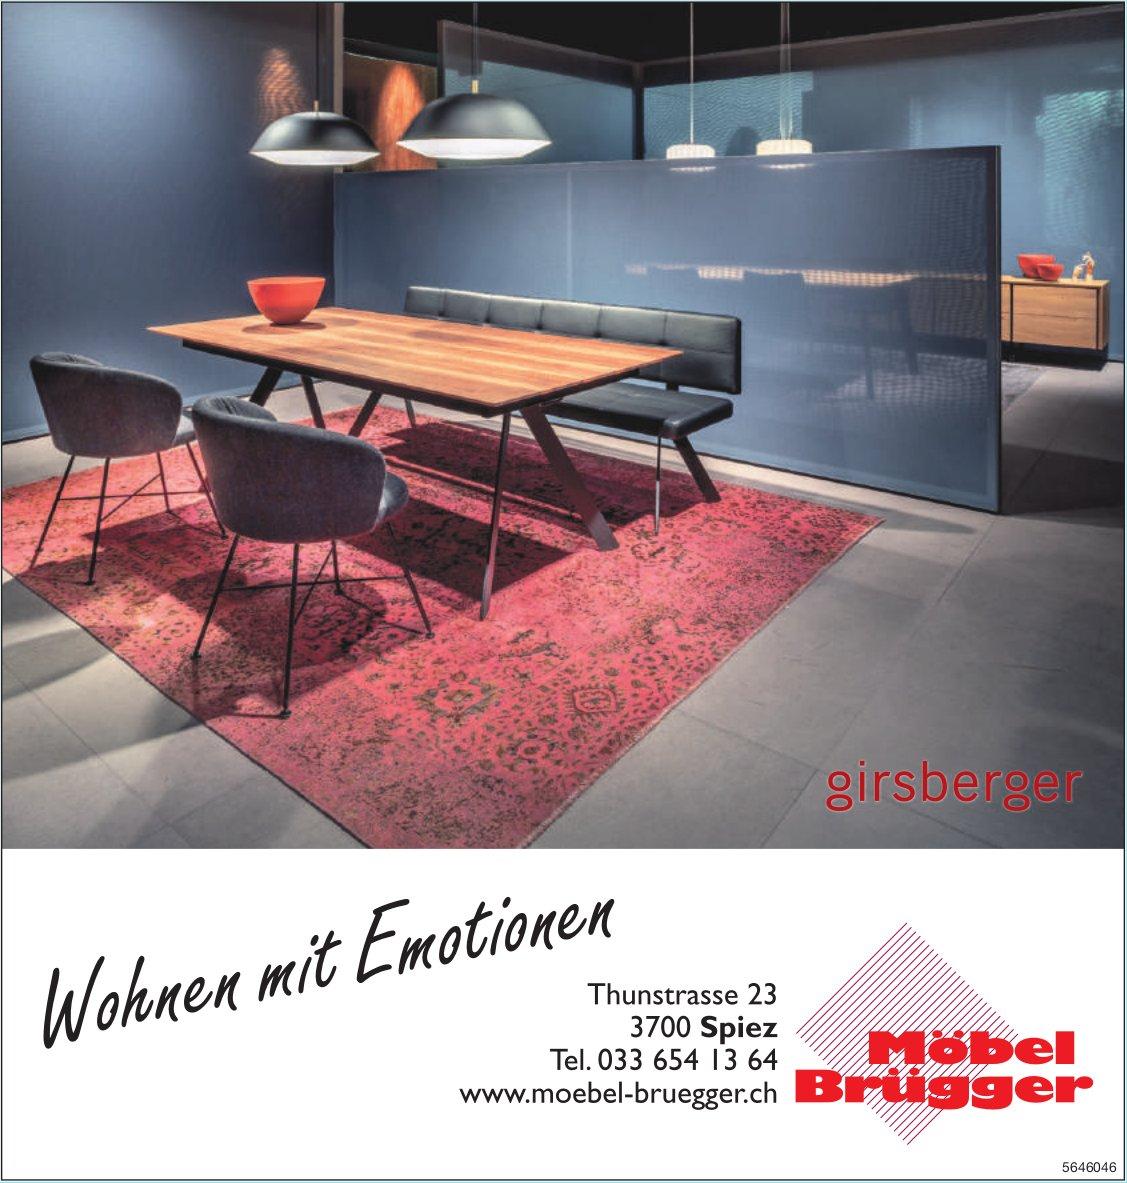 Möbel Brügger, Spiez - Wohnen mit Emotionen